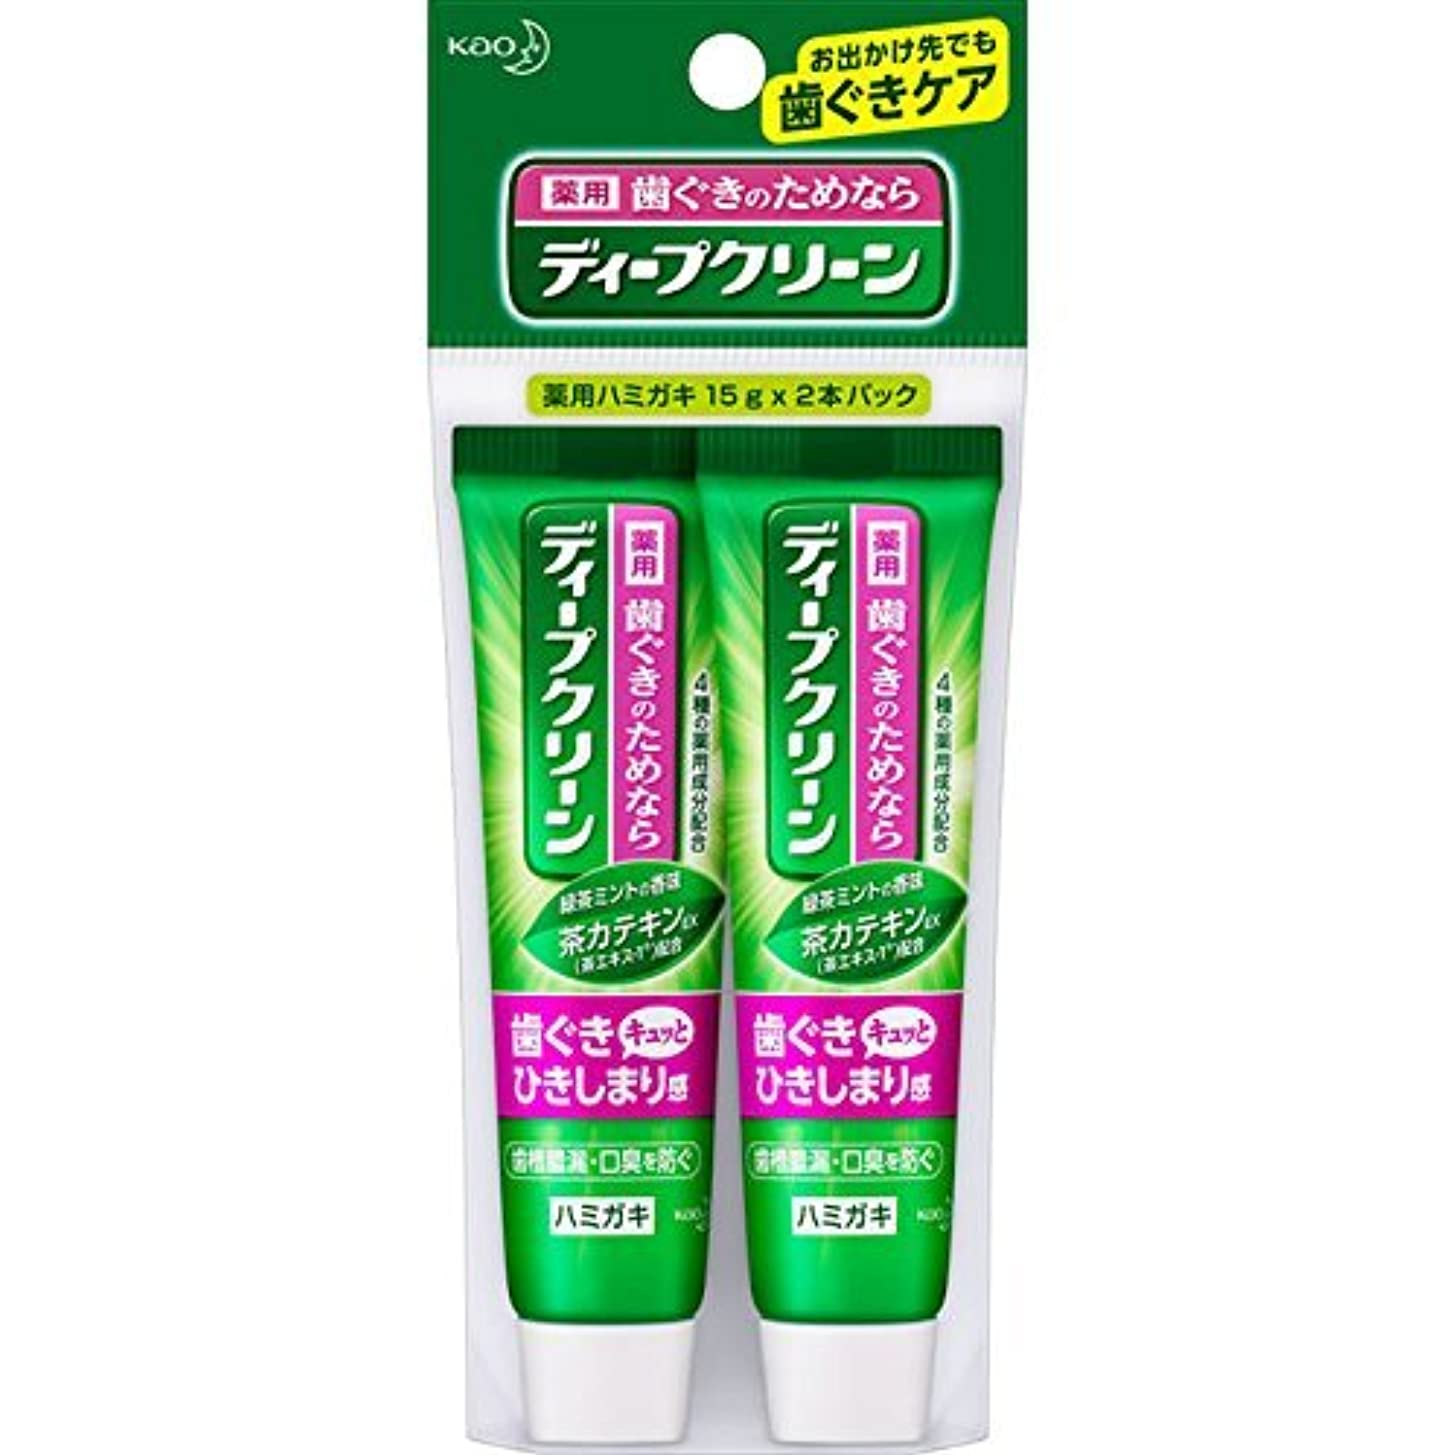 死離れた芽花王 ディープクリーン 薬用ハミガキ ミニ 30g (医薬部外品)